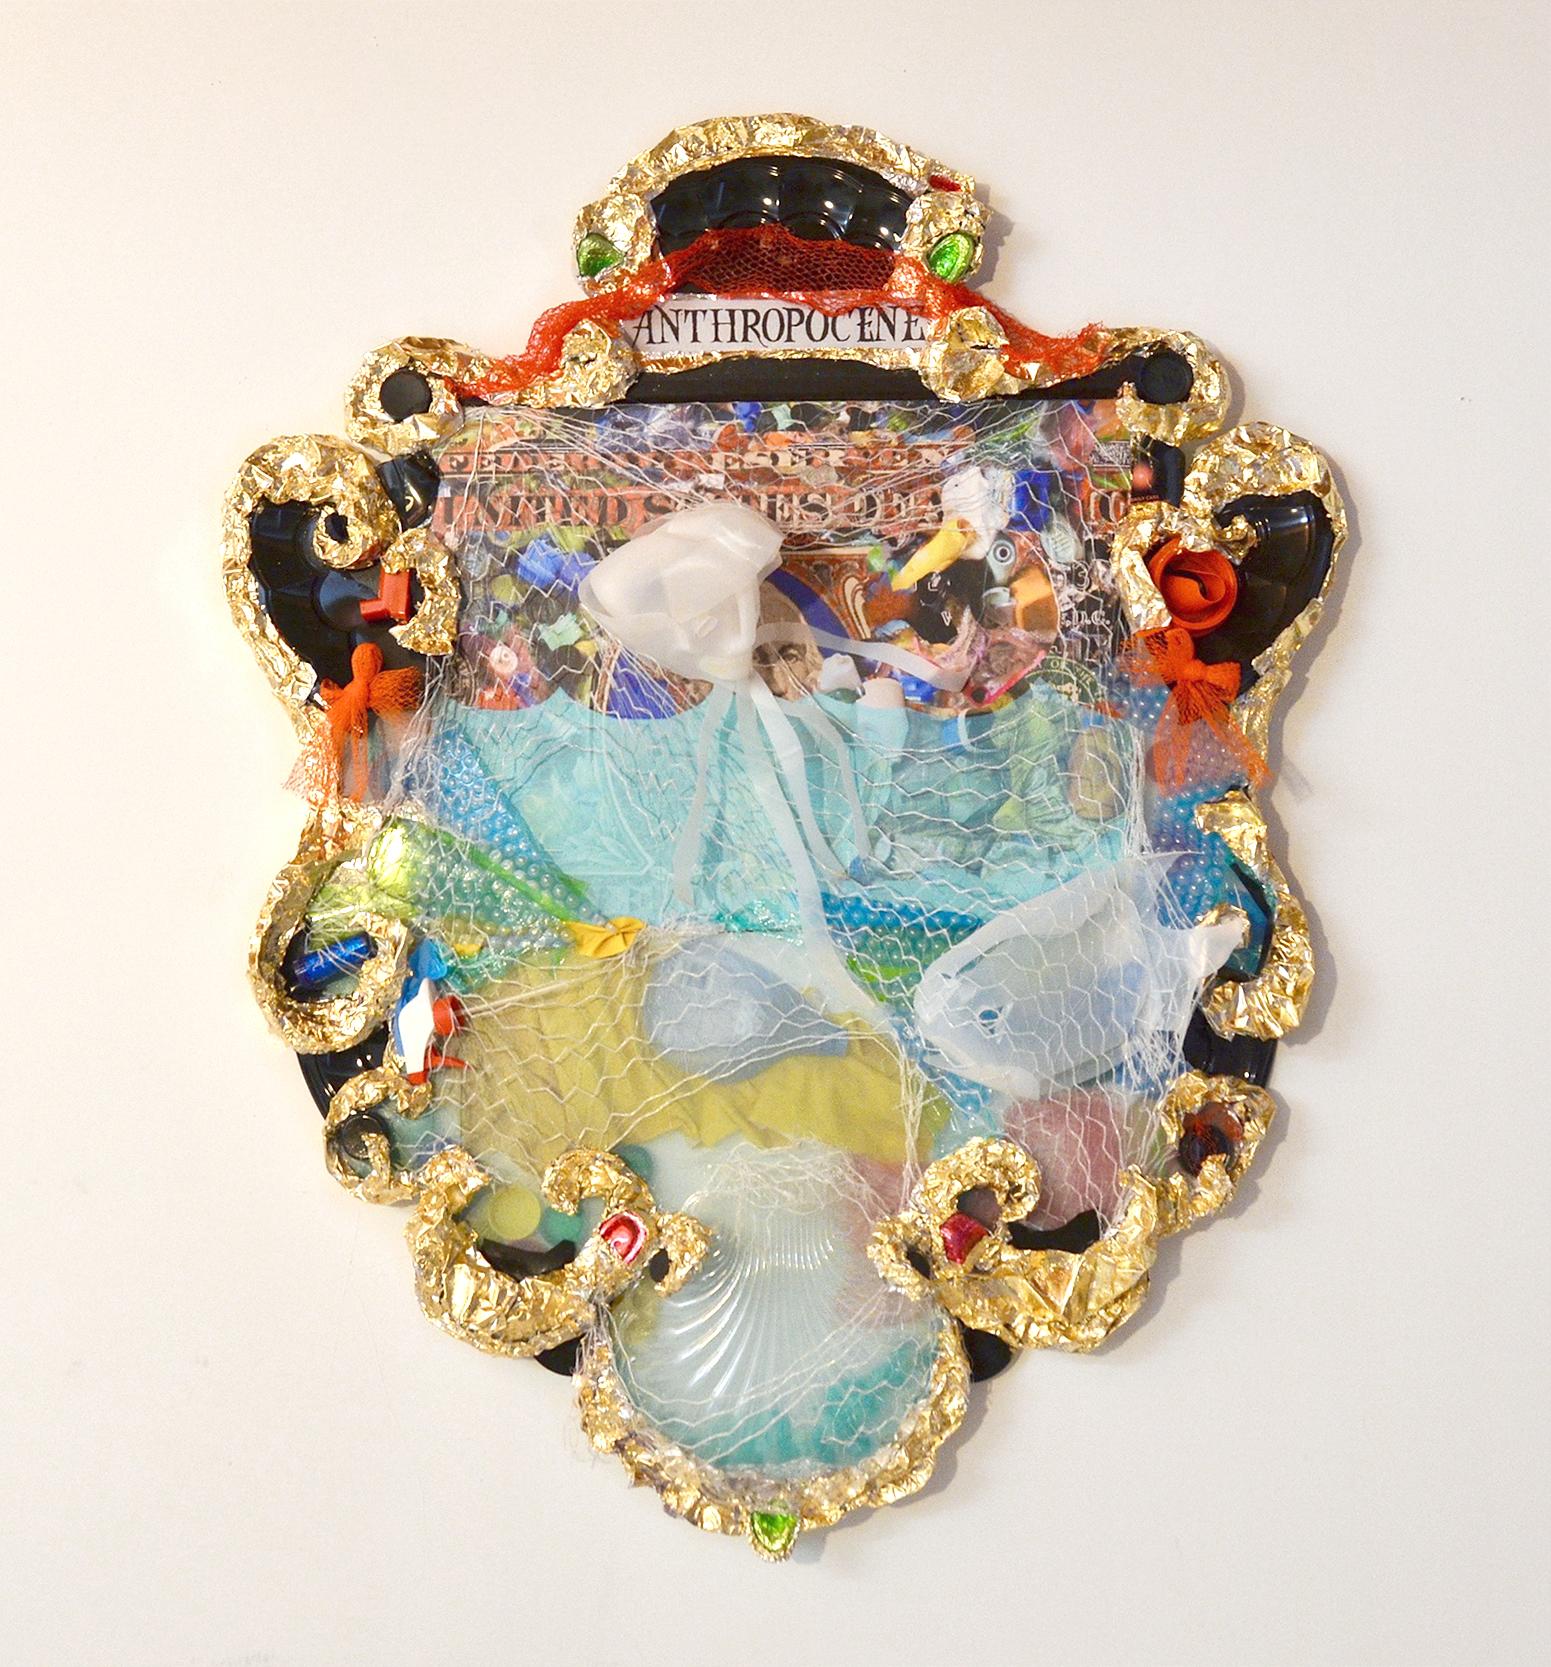 Simone-paintings-1.jpg